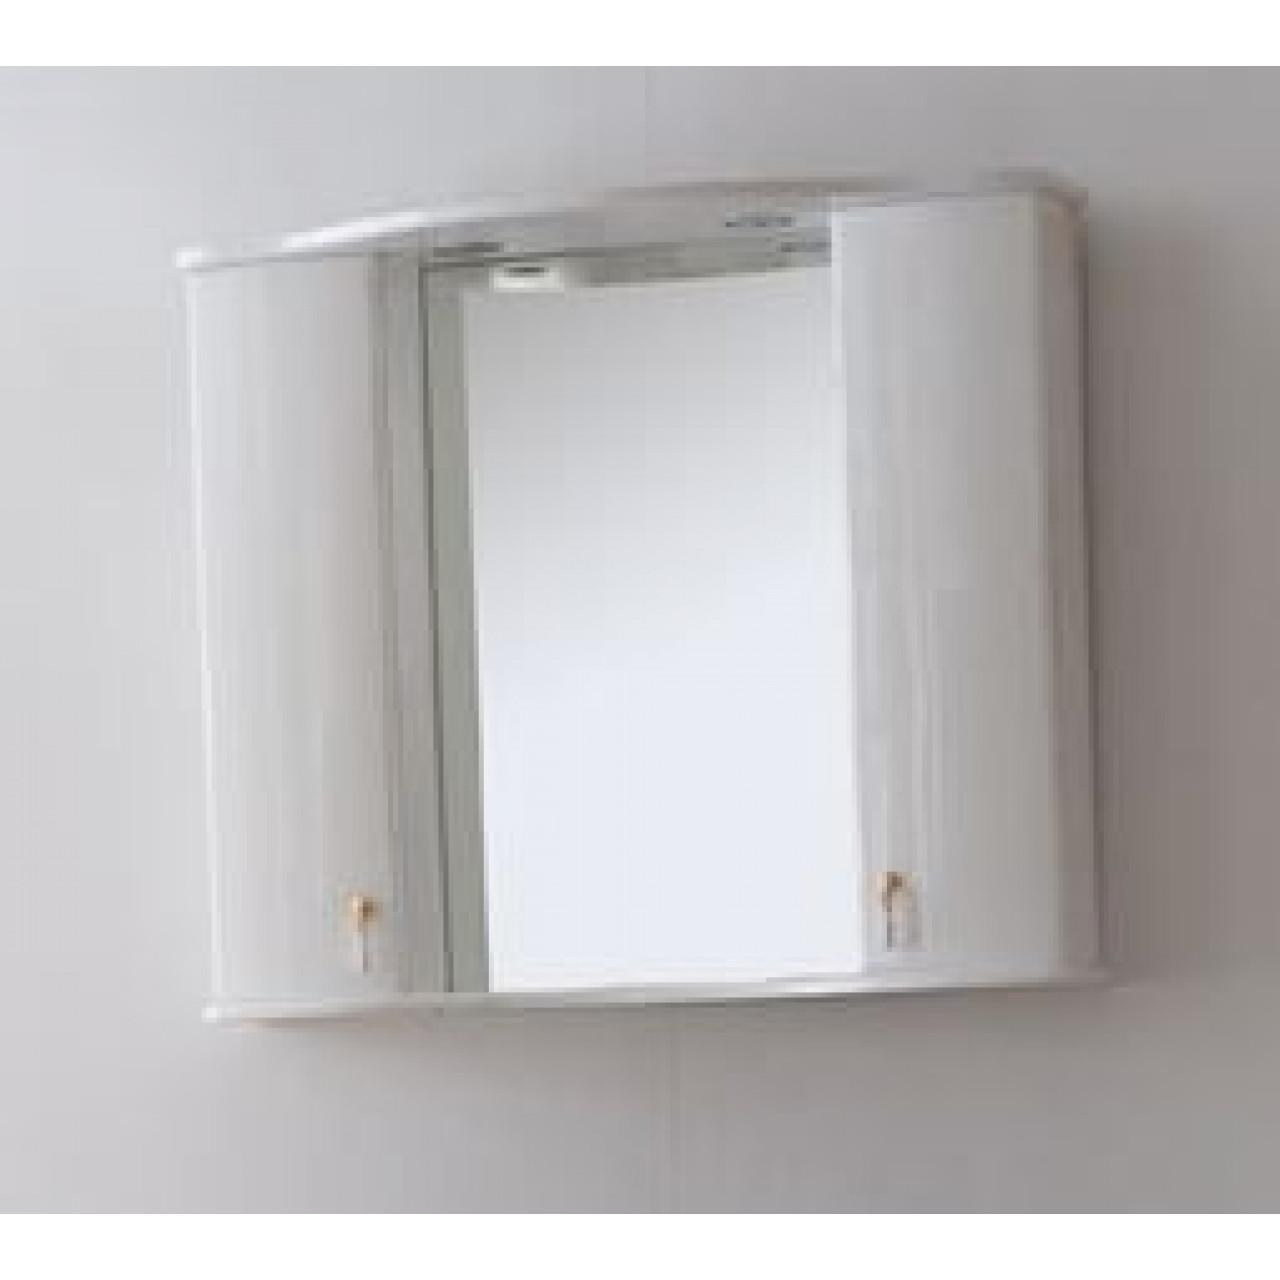 Зеркало-шкаф Аллигатор Роял Комфорт G(M) 80 купить в Москве по цене от 25800р. в интернет-магазине mebel-v-vannu.ru